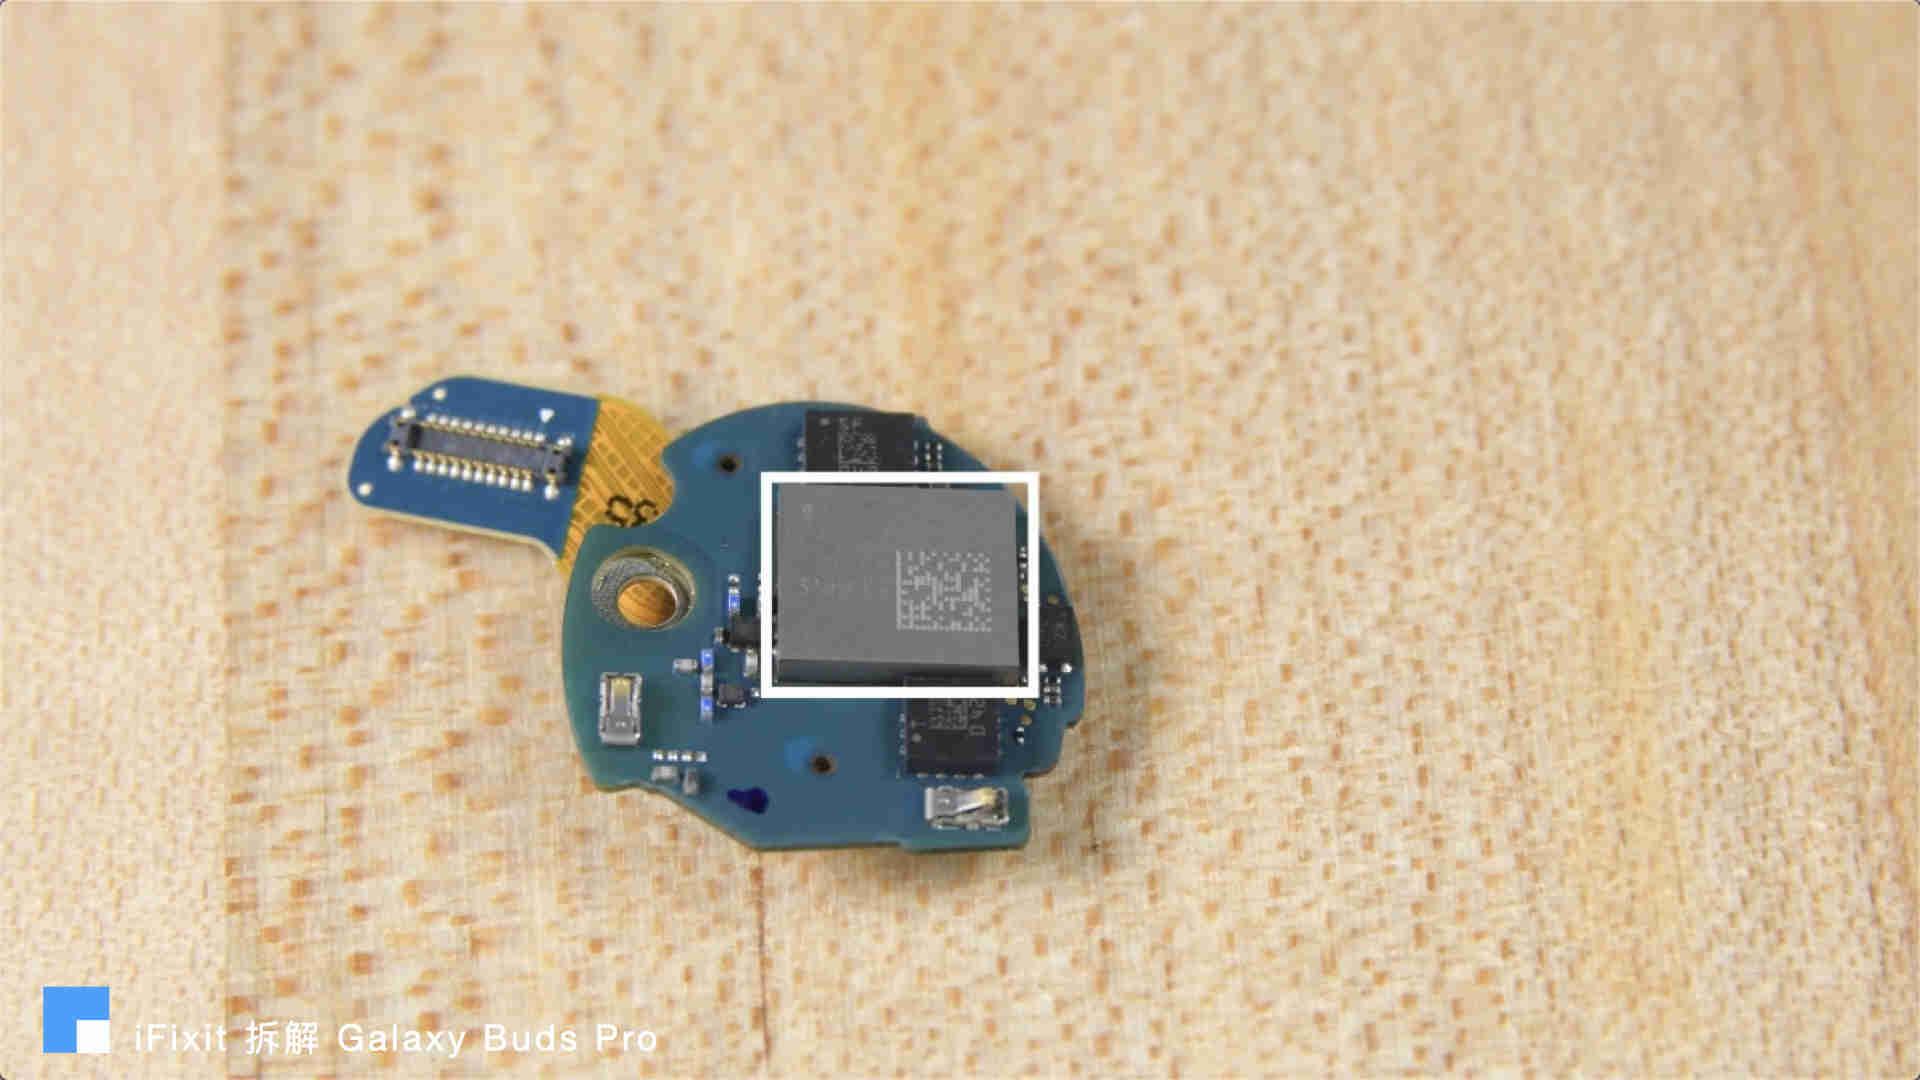 iFixit 拆解 Galaxy Buds Pro